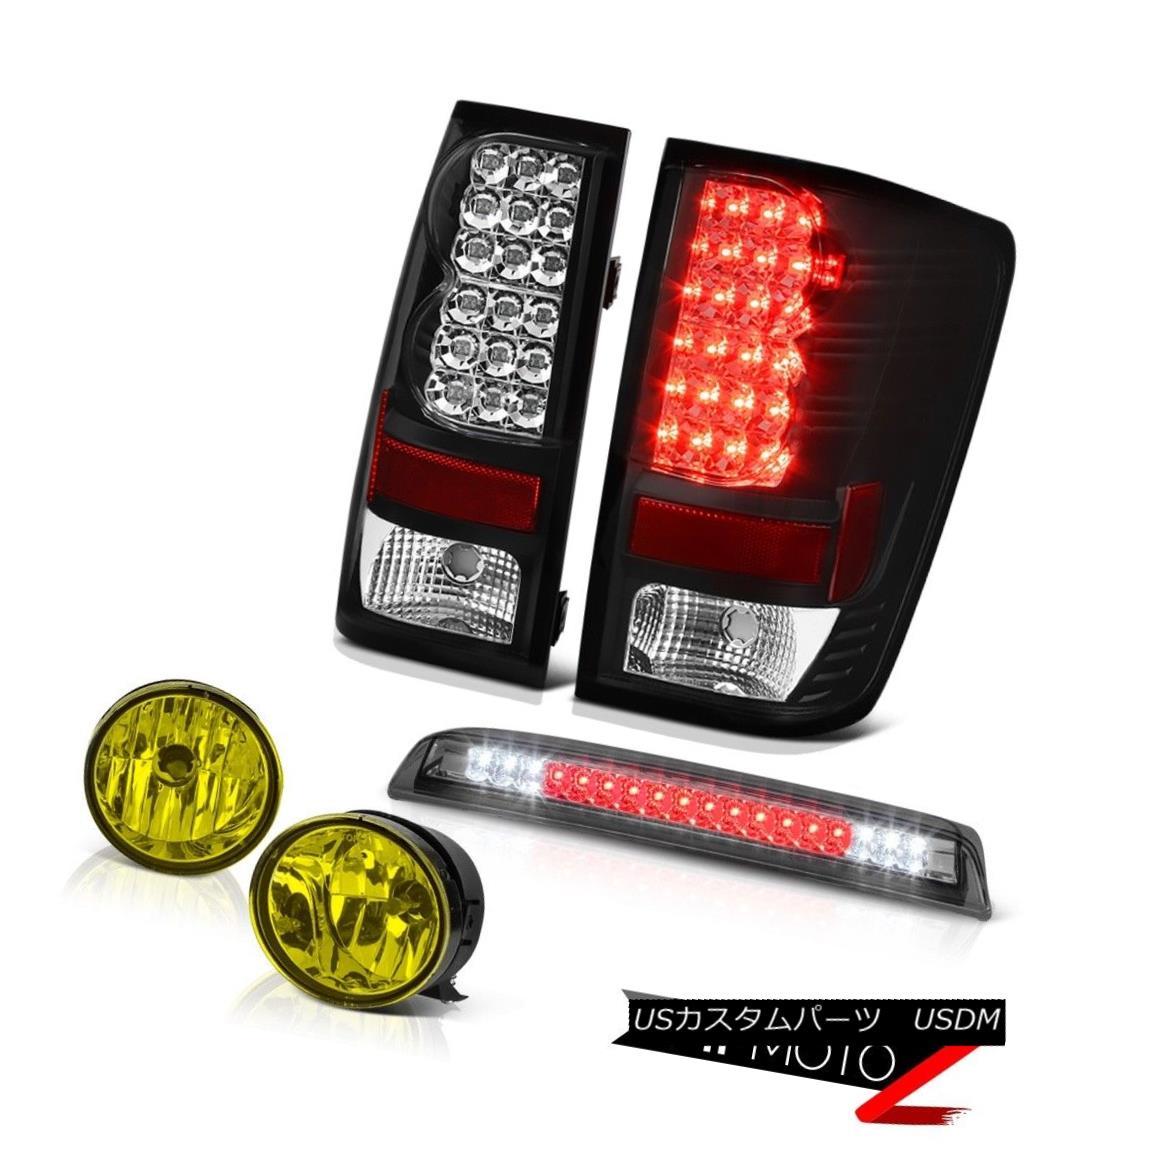 テールライト For 2004-2015 Titan Signal Tail Light Yellow Fog High 3rd Brake Cargo LED Lamp 2004年?2015年タイタンシグナルテールライトイエローフォッグハイ3ブレーキカーゴLEDランプ